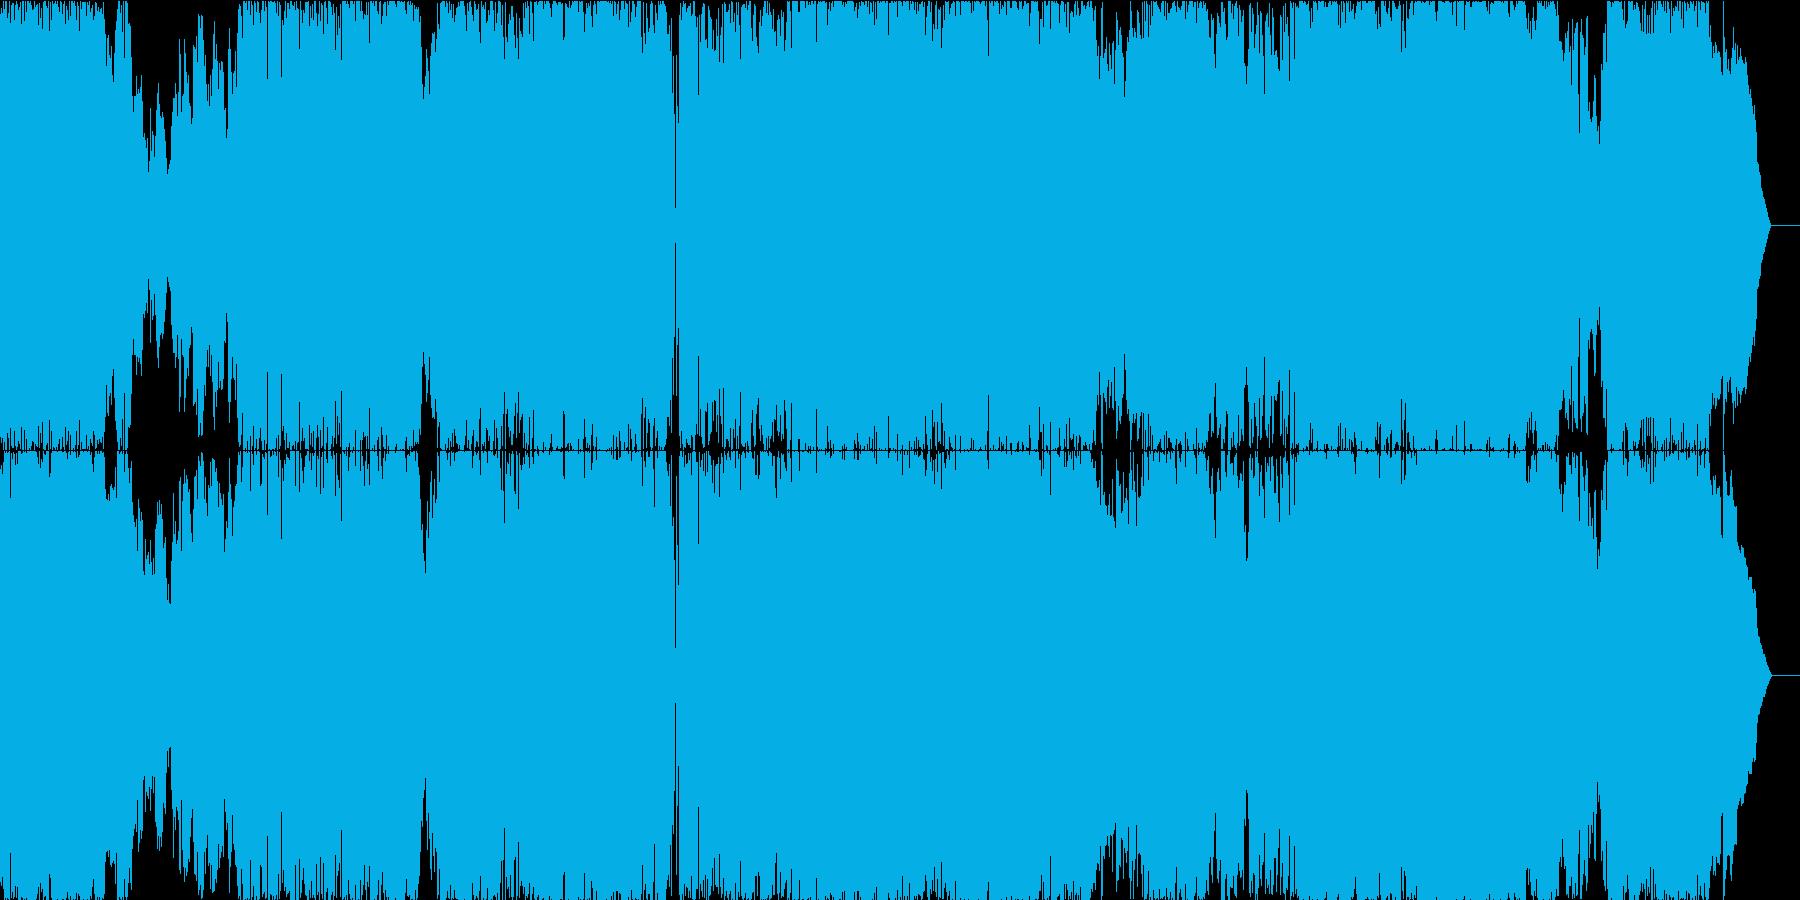 物語性のあるアニメ主題歌のようなロックの再生済みの波形